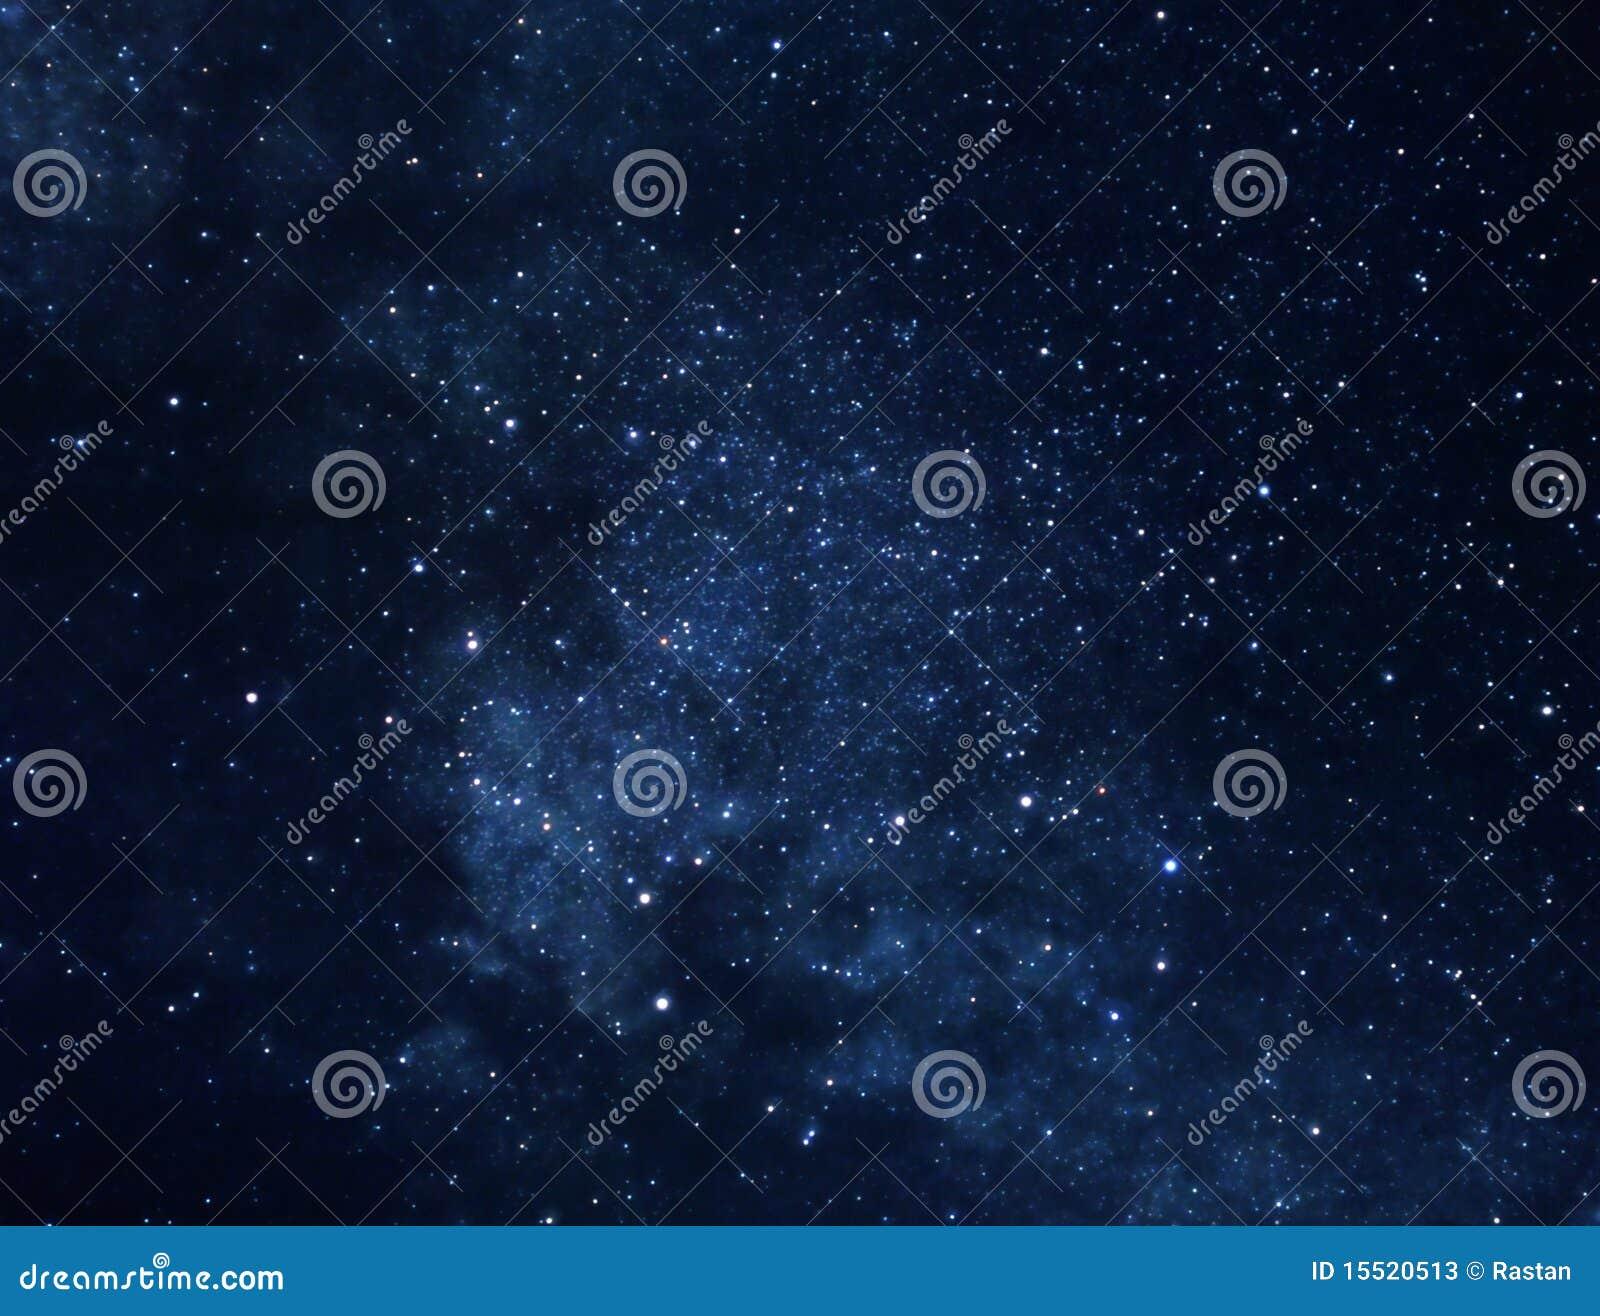 Fond de l espace